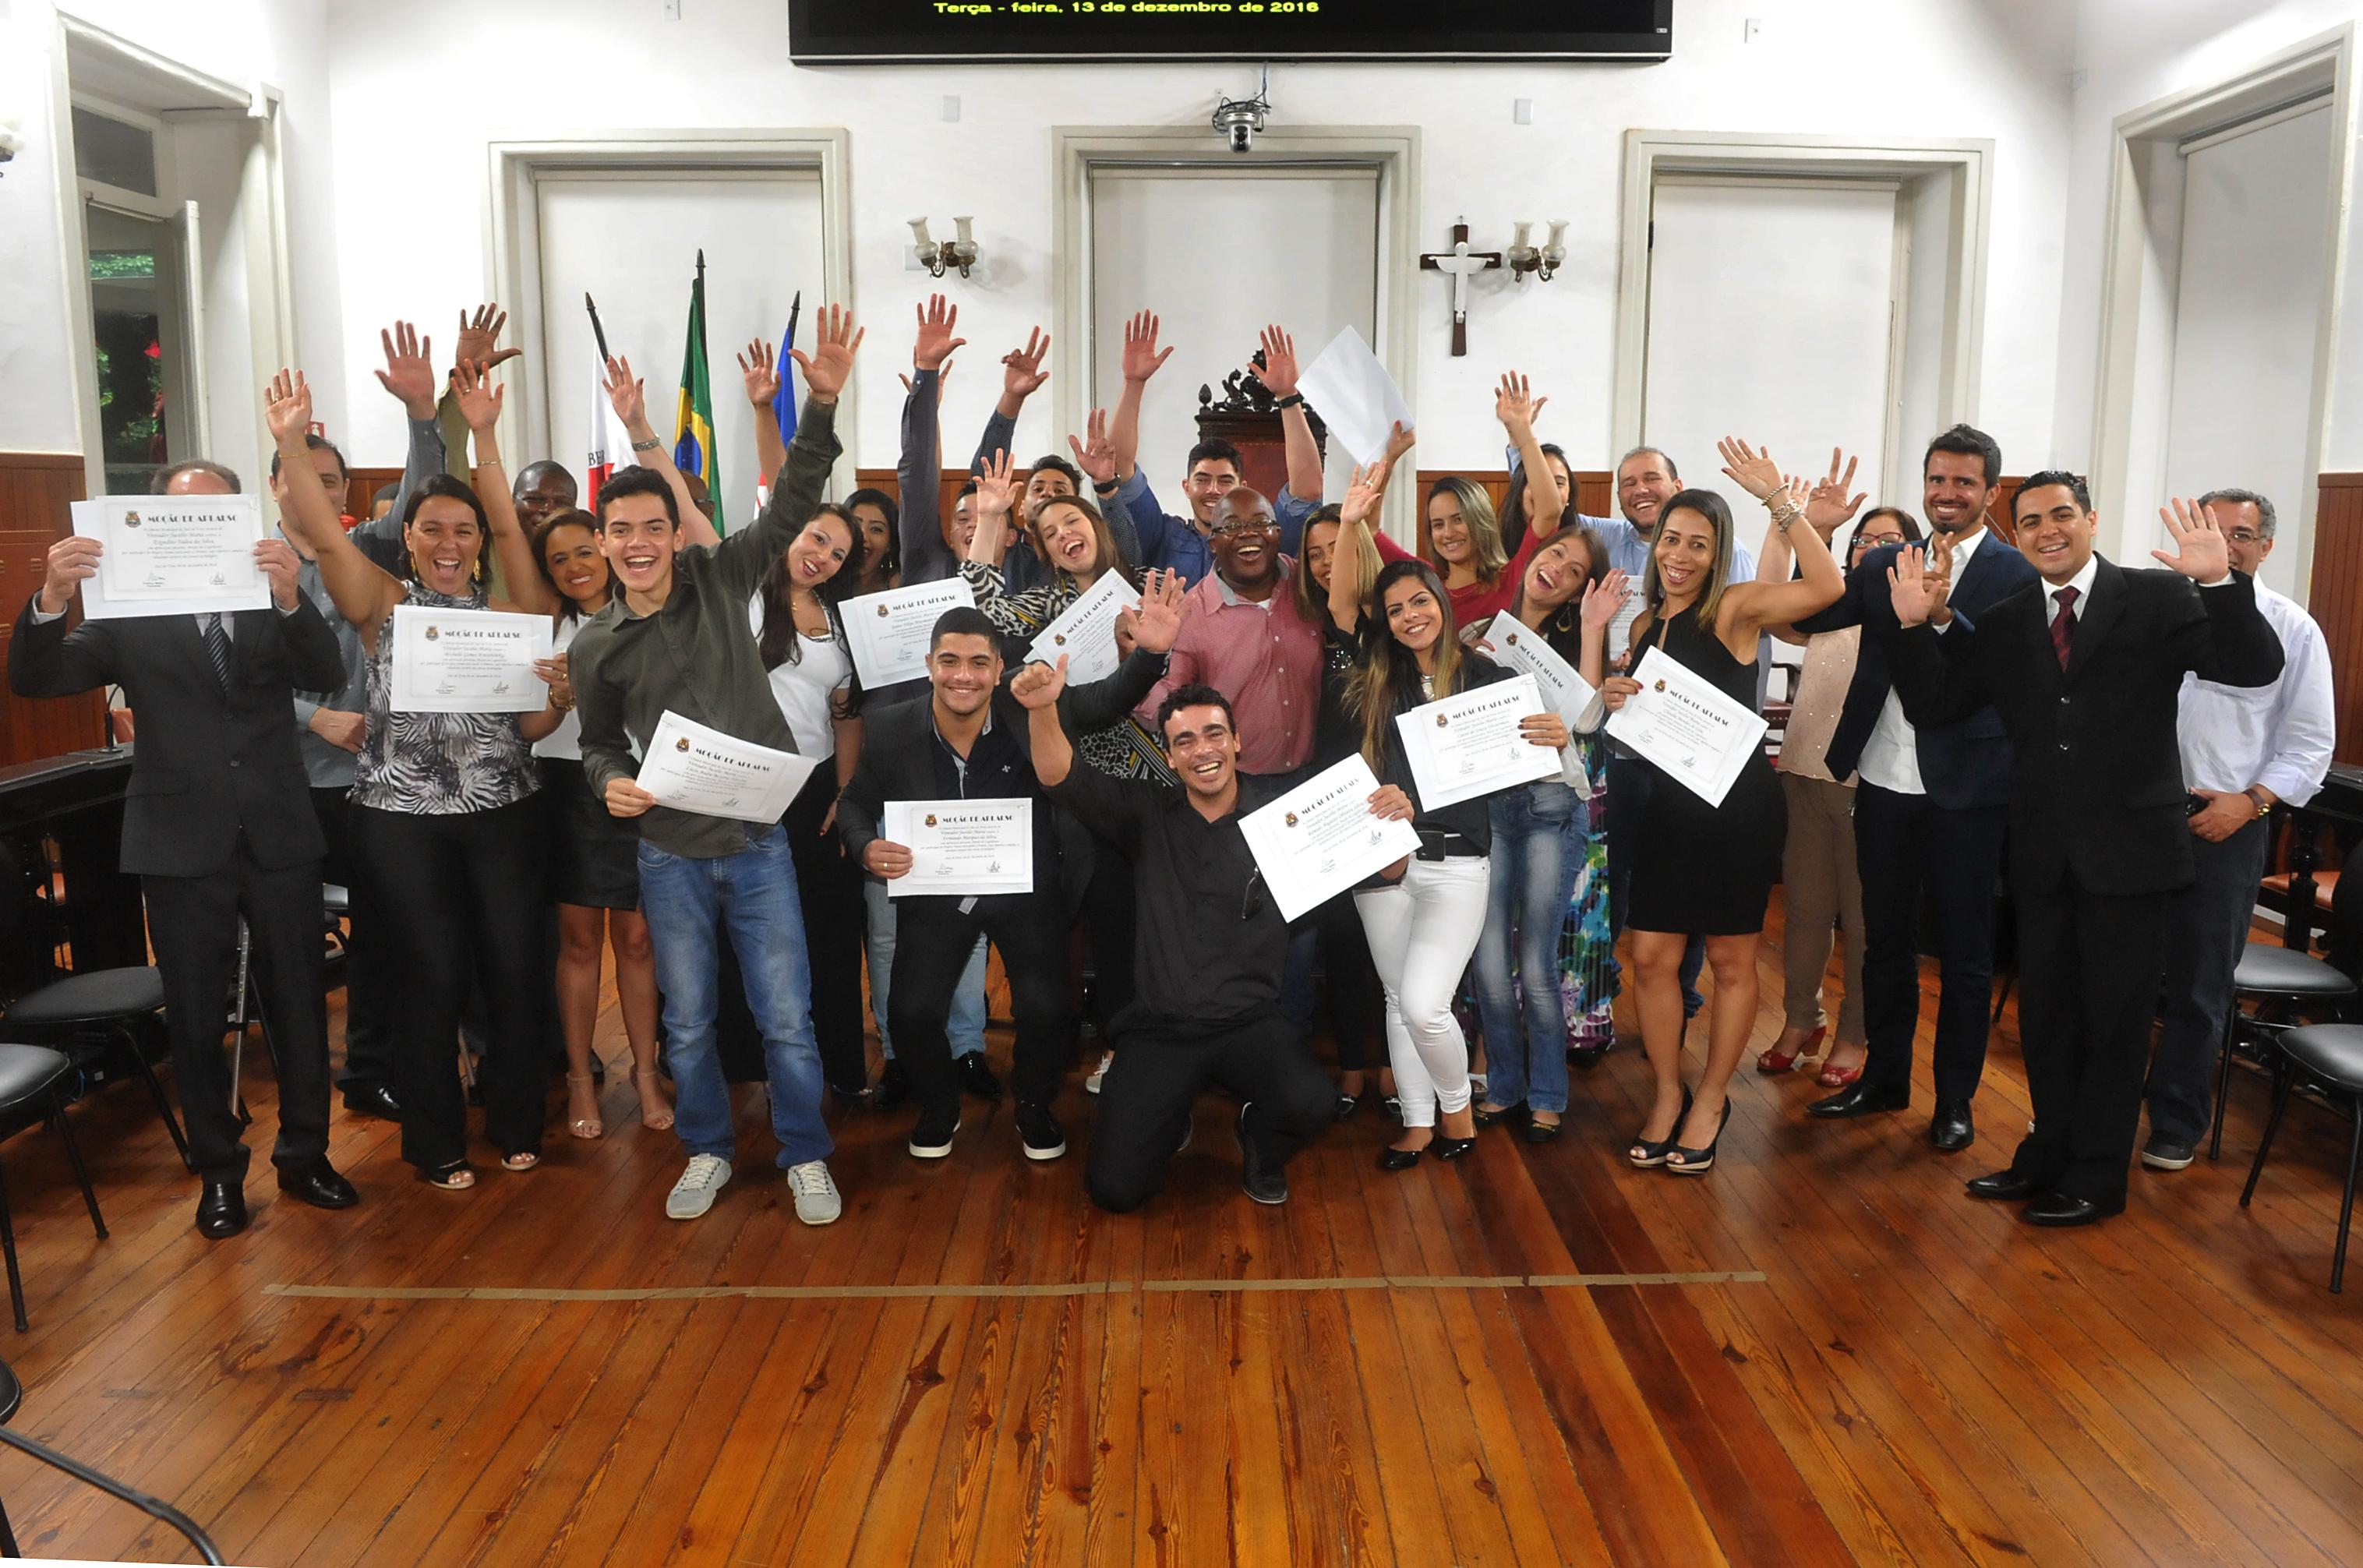 Projeto esclarece população sobre seus direitos nas redes sociais